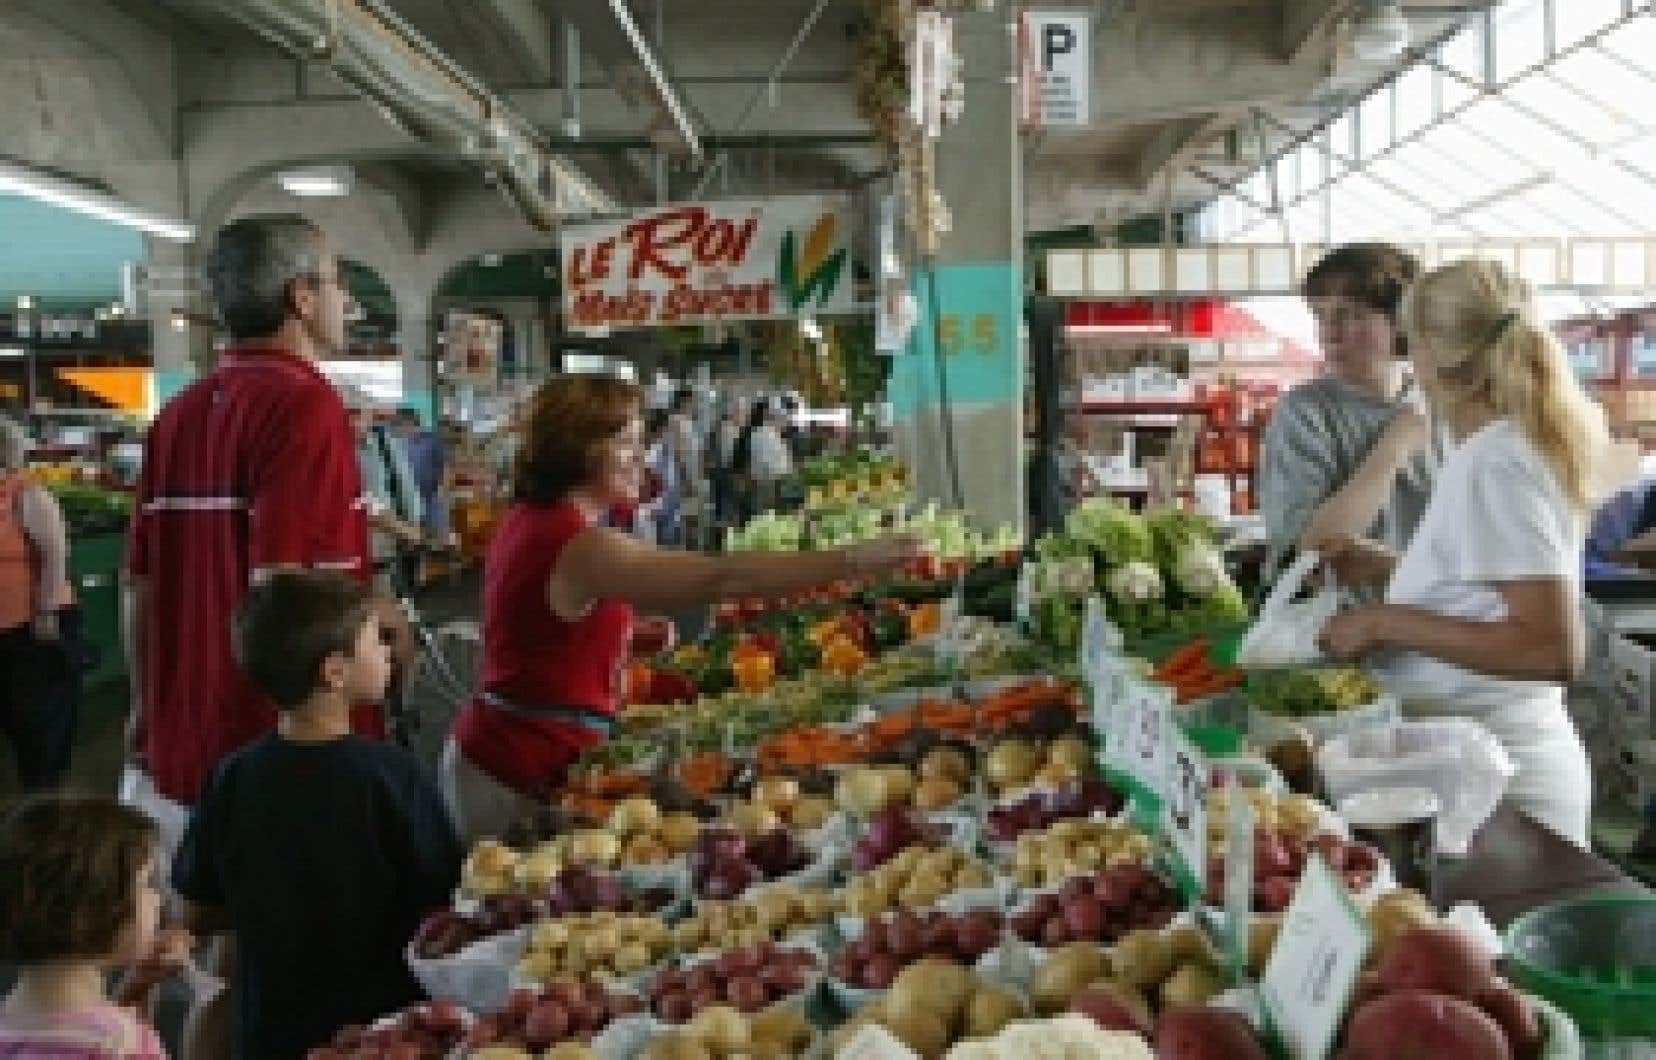 «Les consommateurs doivent savoir que les fruits et légumes du Québec sont de très bonne qualité et qu'il n'y a pas de danger à en manger», a indiqué Martine Dubuc, sous-ministre à l'alimentation.